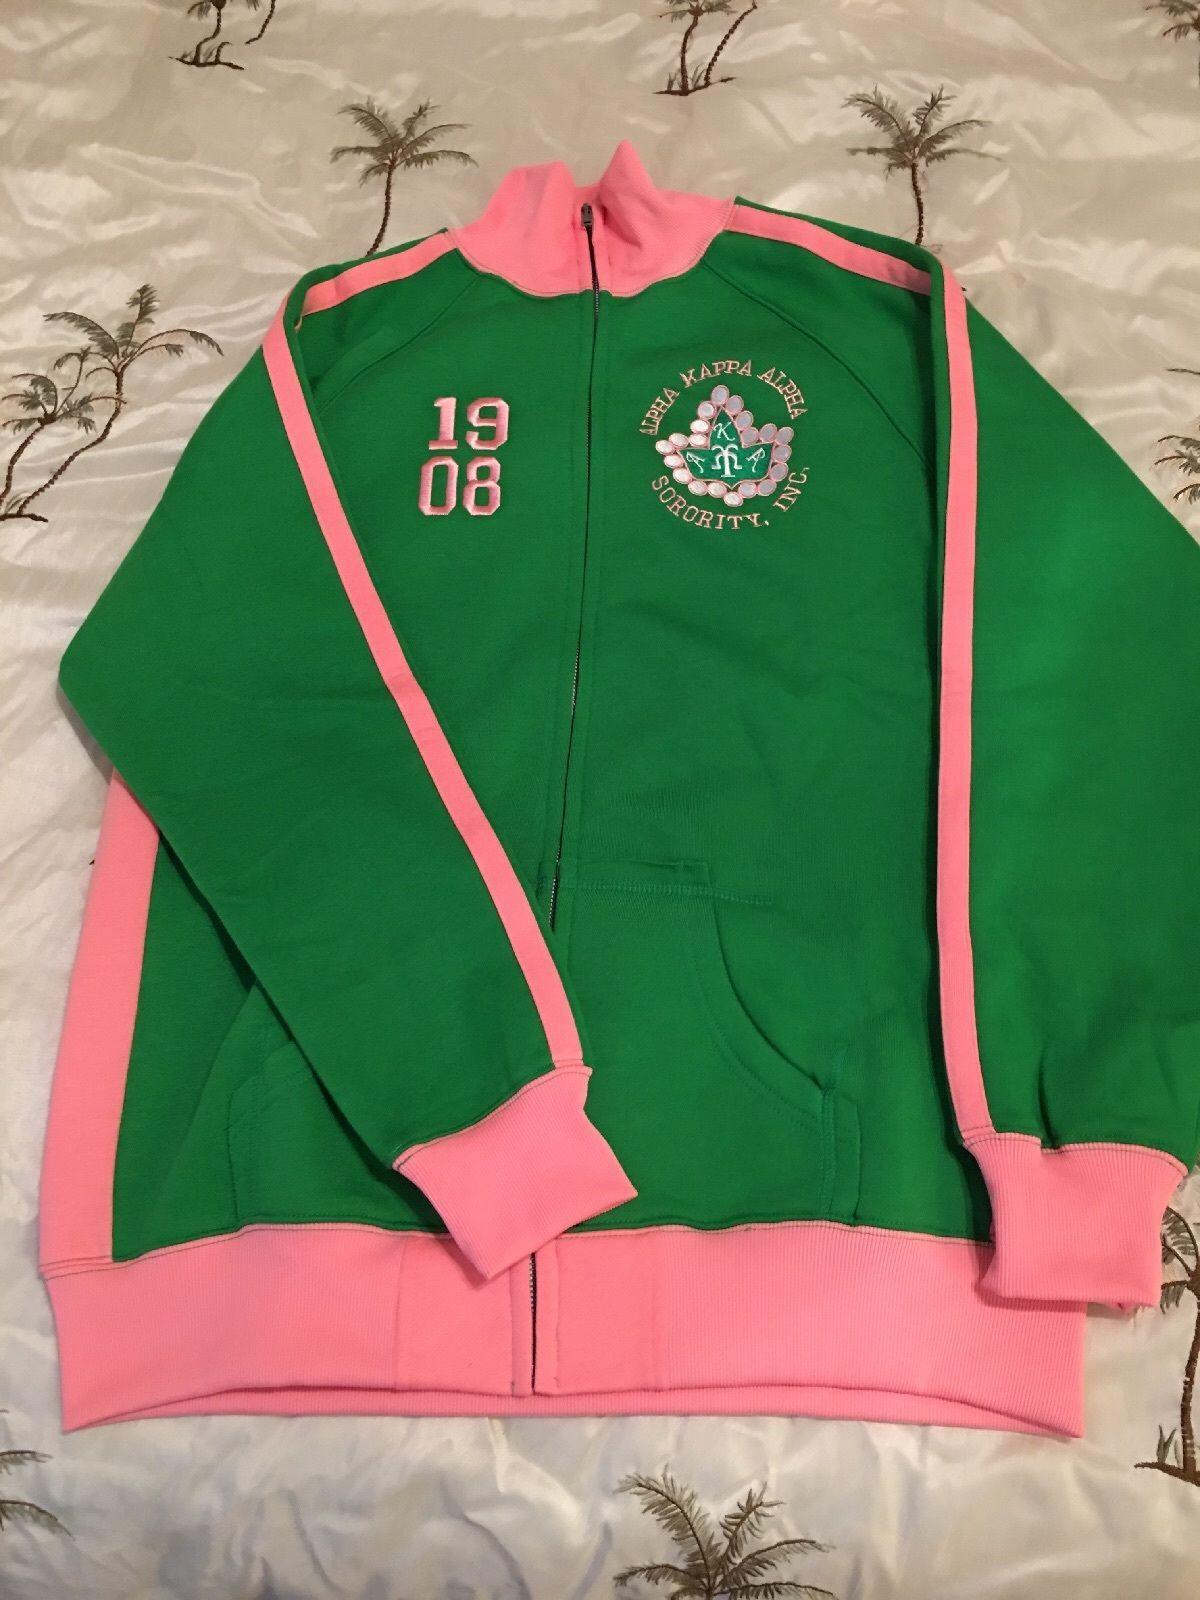 Alpha Kappa Alpha Track Jacket   AKA sweater  Pink and Green ON SALE for   60.00 484ad1e7e